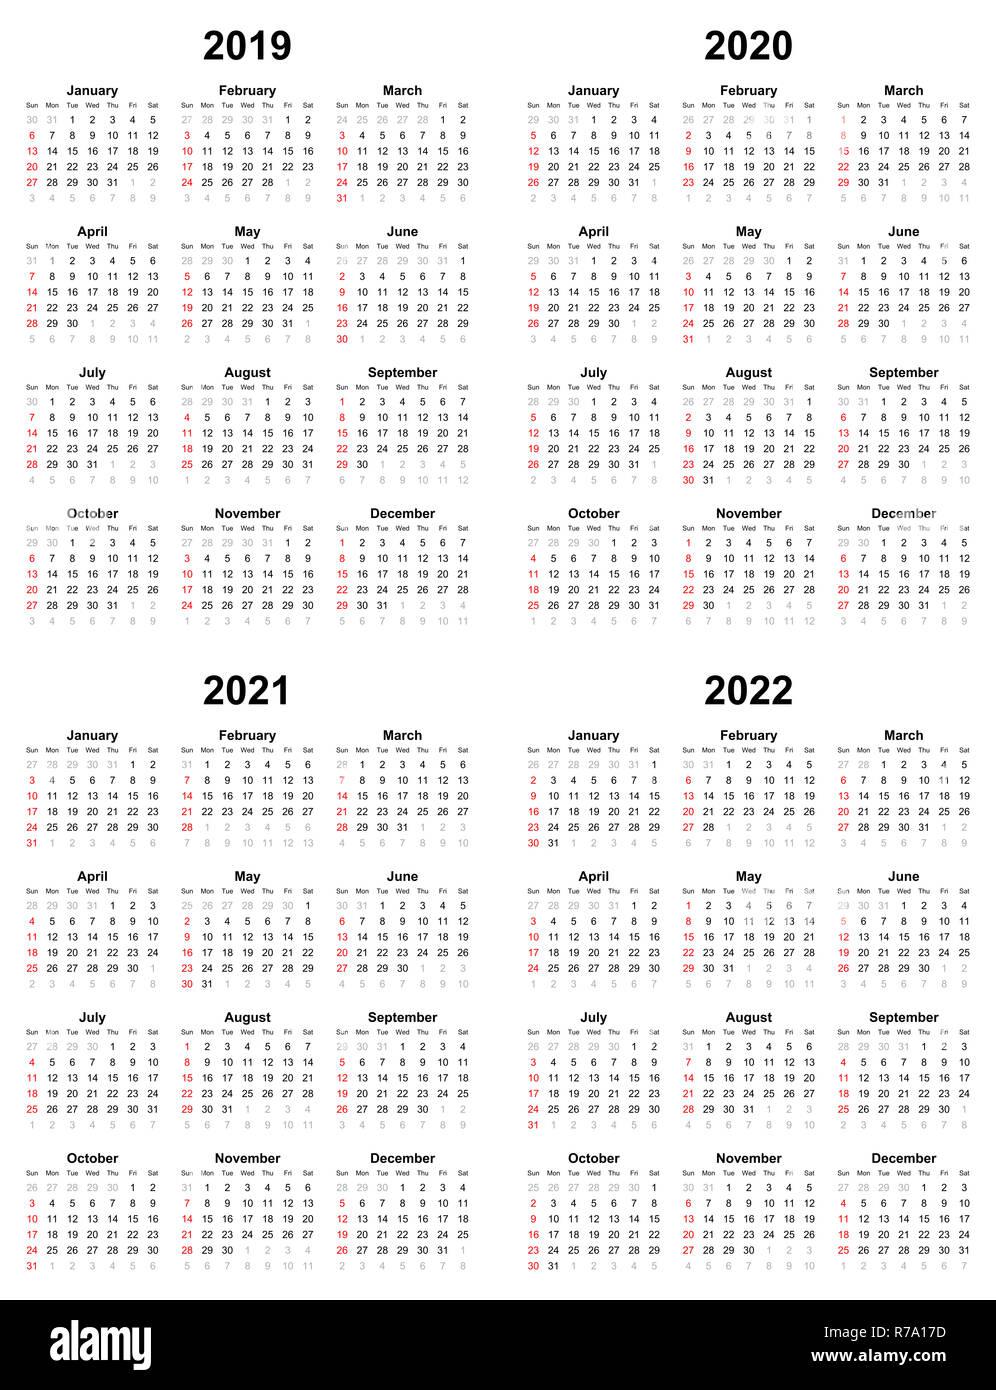 2020 Annual Calendar.Annual Plain Calendar Sunday First Day 2022 2021 2020 2019 Stock